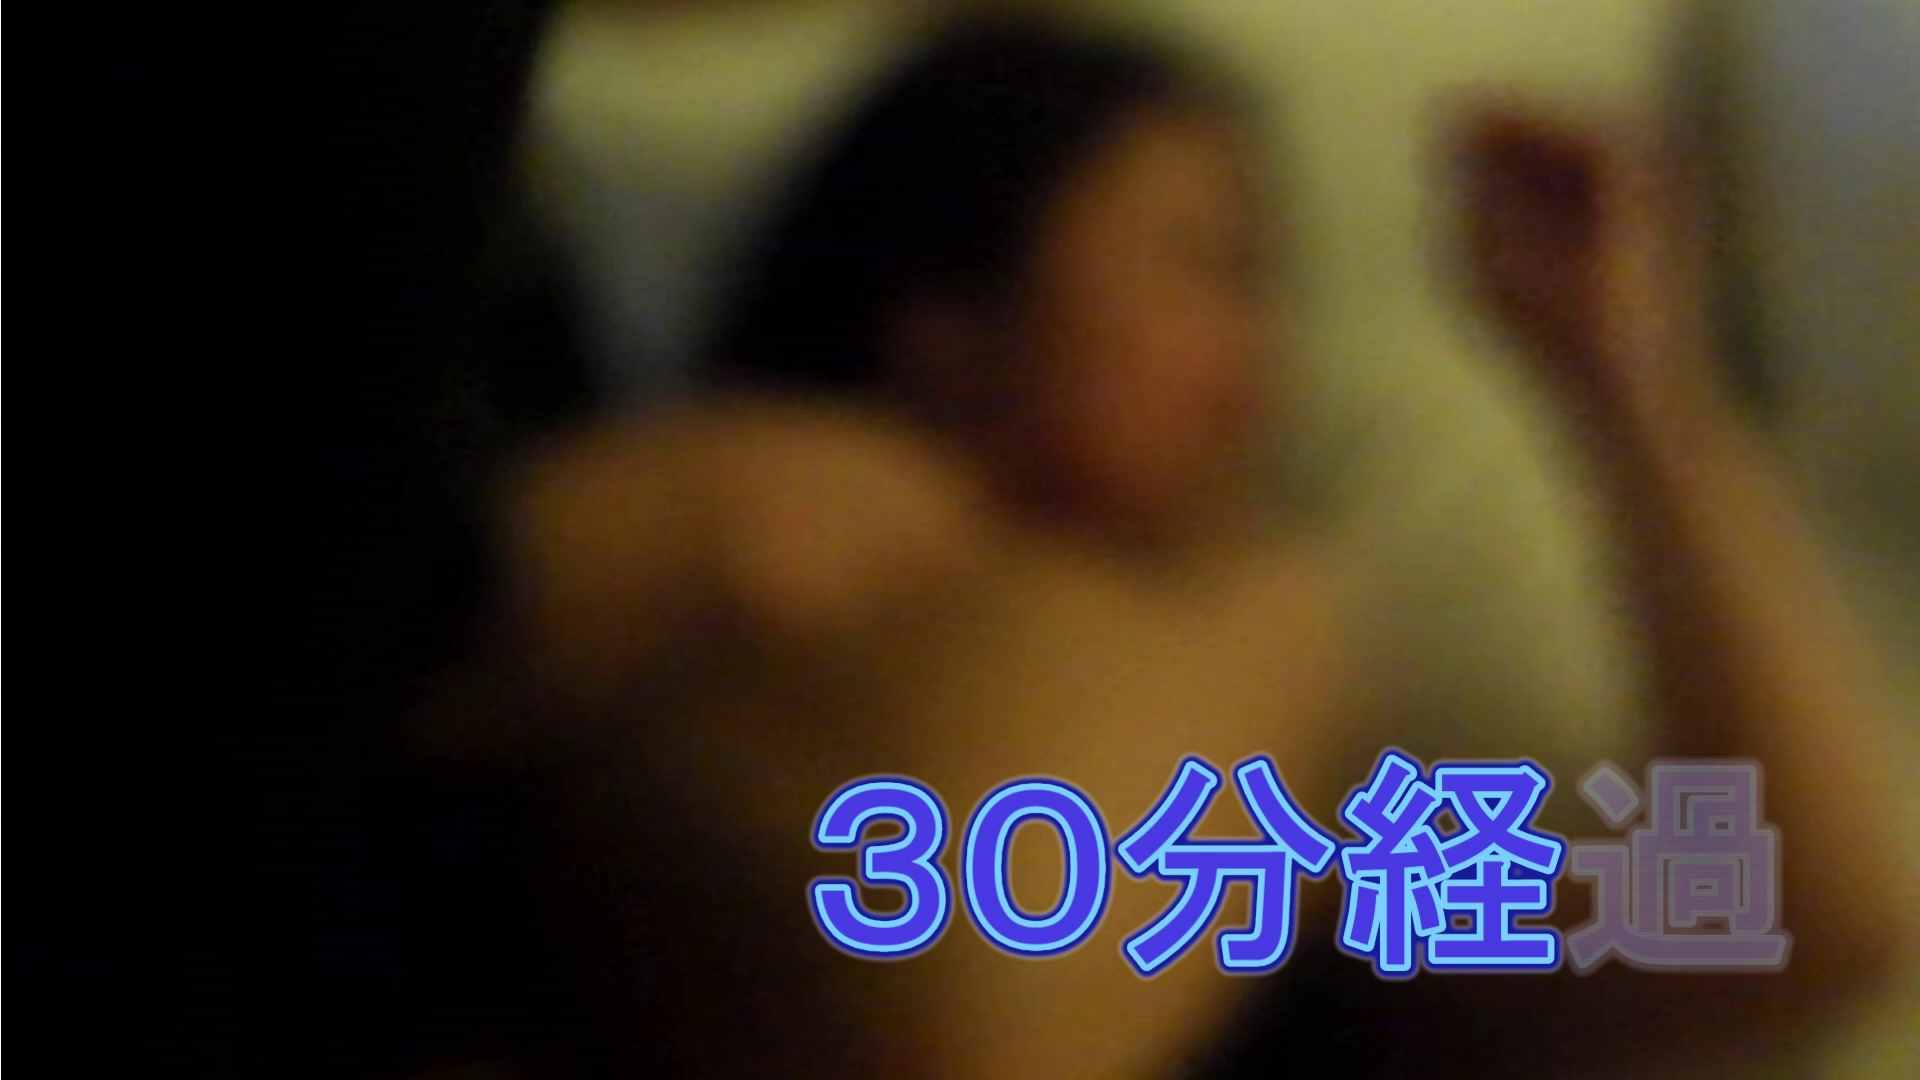 ヒトニアラヅNo.02 姿と全体の流れを公開 ギャル  60PIX 39